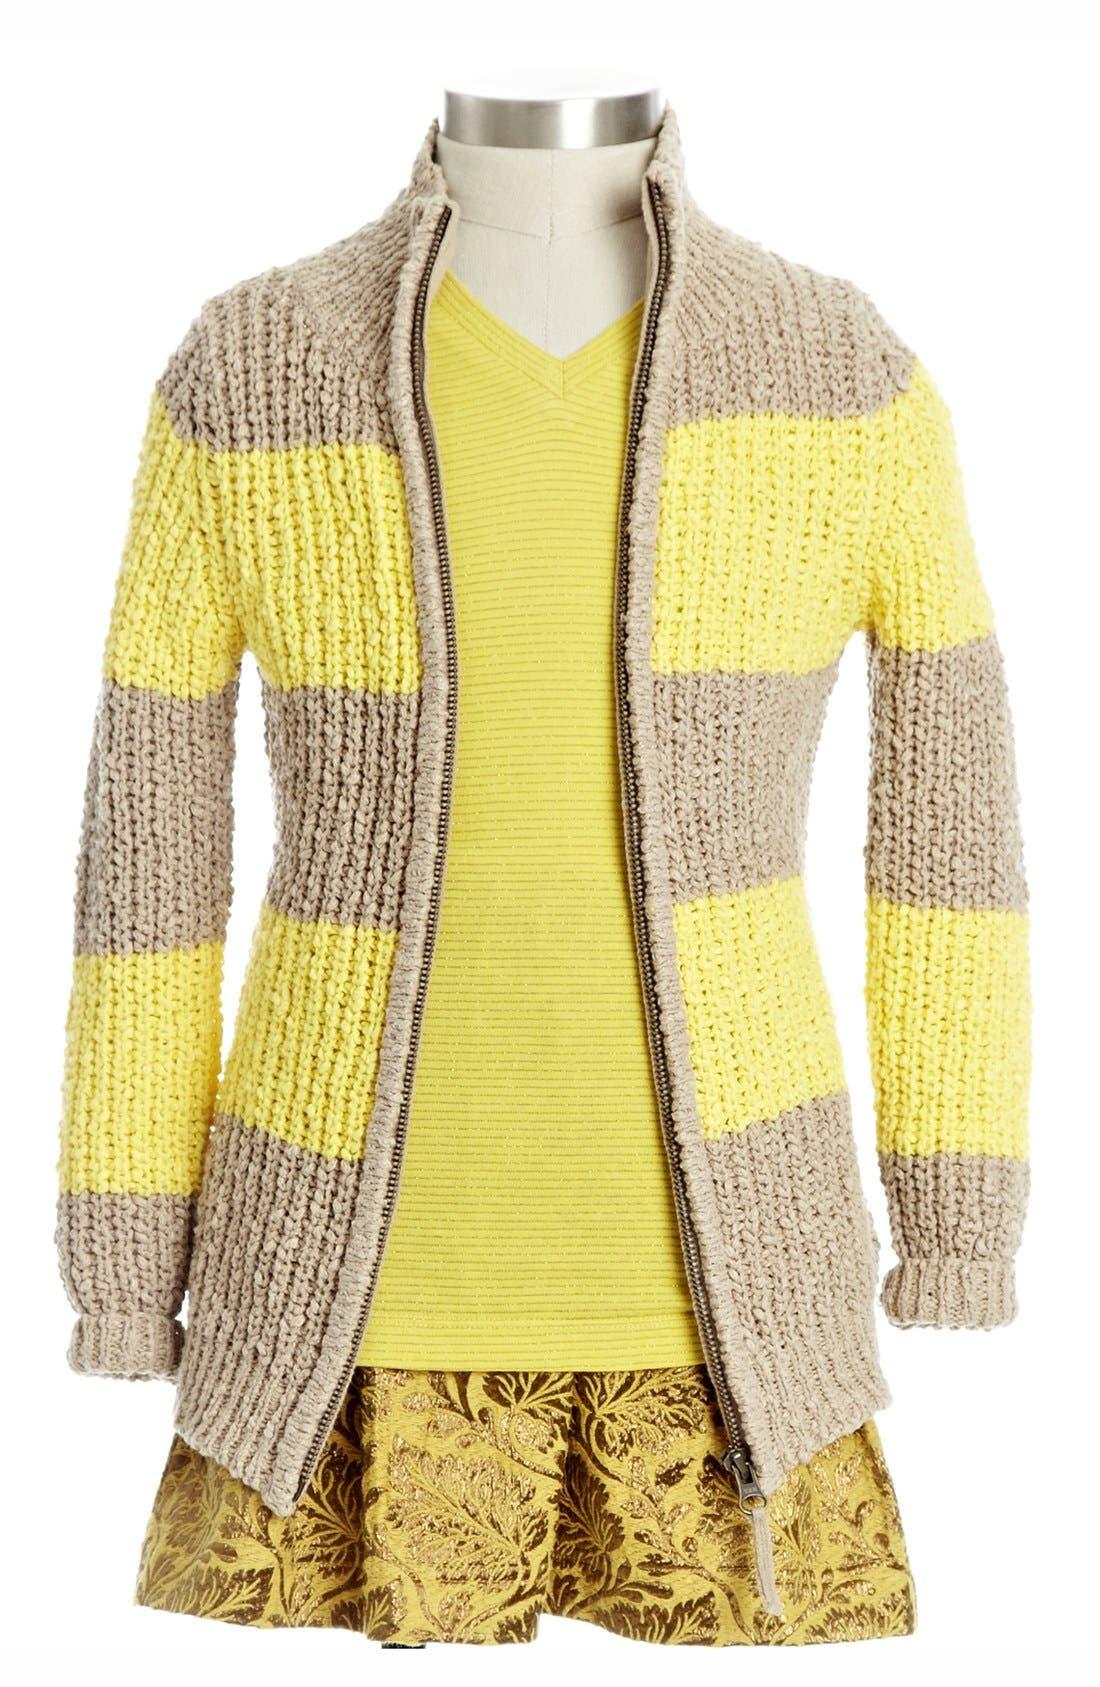 Alternate Image 1 Selected - Peek 'Vienna' Knit Sweater(Toddler Girls, Little Girls & Big Girls)